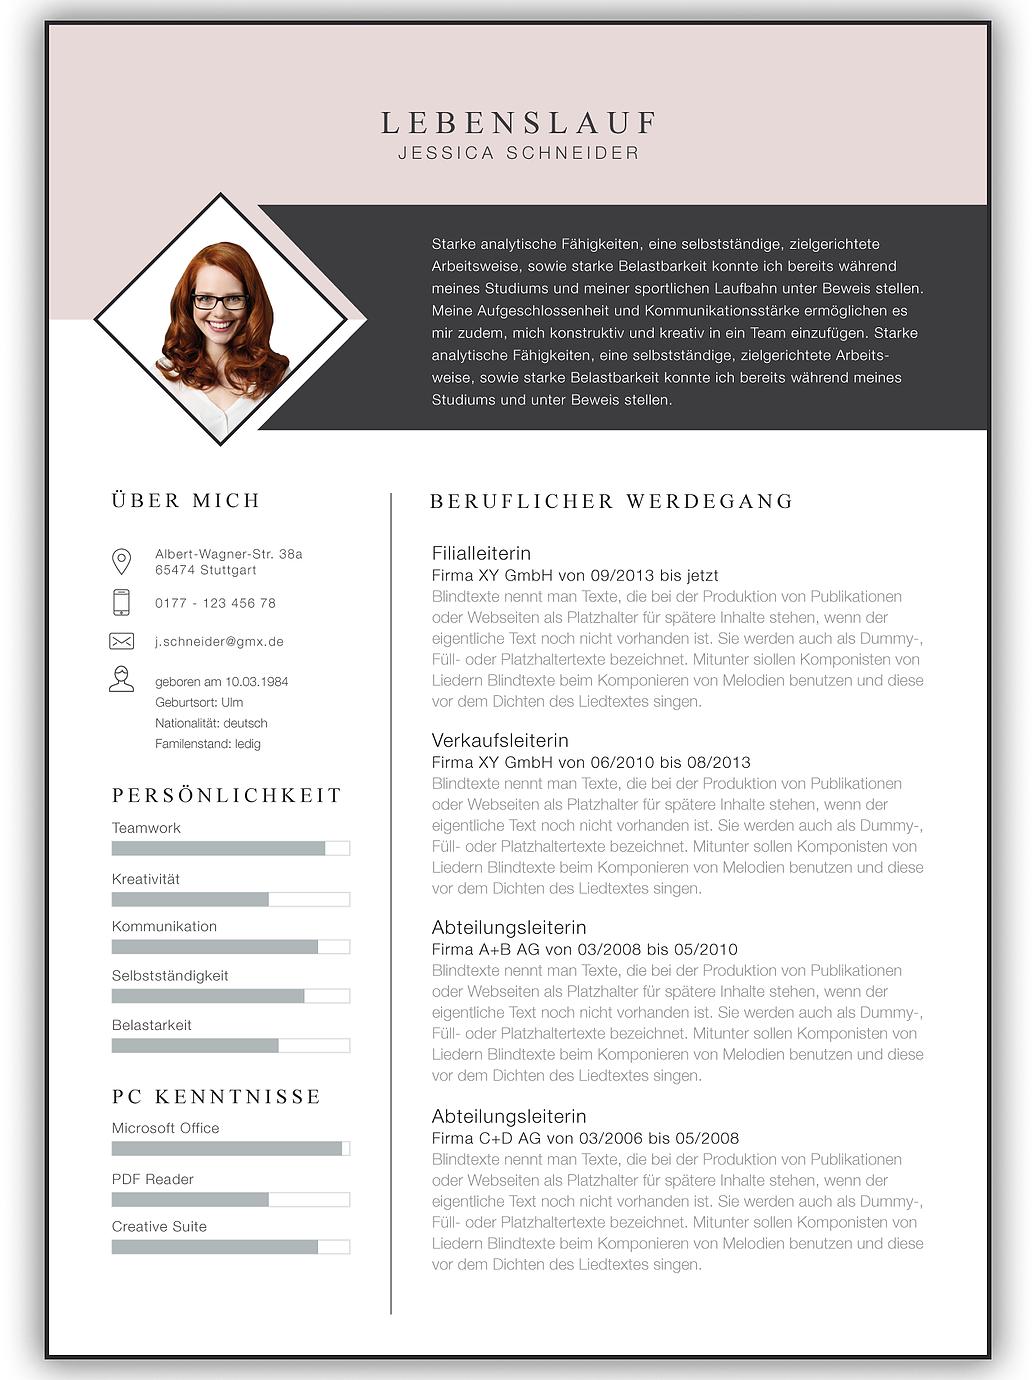 Bewerbungsvorlage Bewerbung Vorlage Bewerbungsschreiben Kreativ Bewerbung Bewerbungsvorlagen Vor Bewerbung Schreiben Lebenslauf Layout Kreative Bewerbung